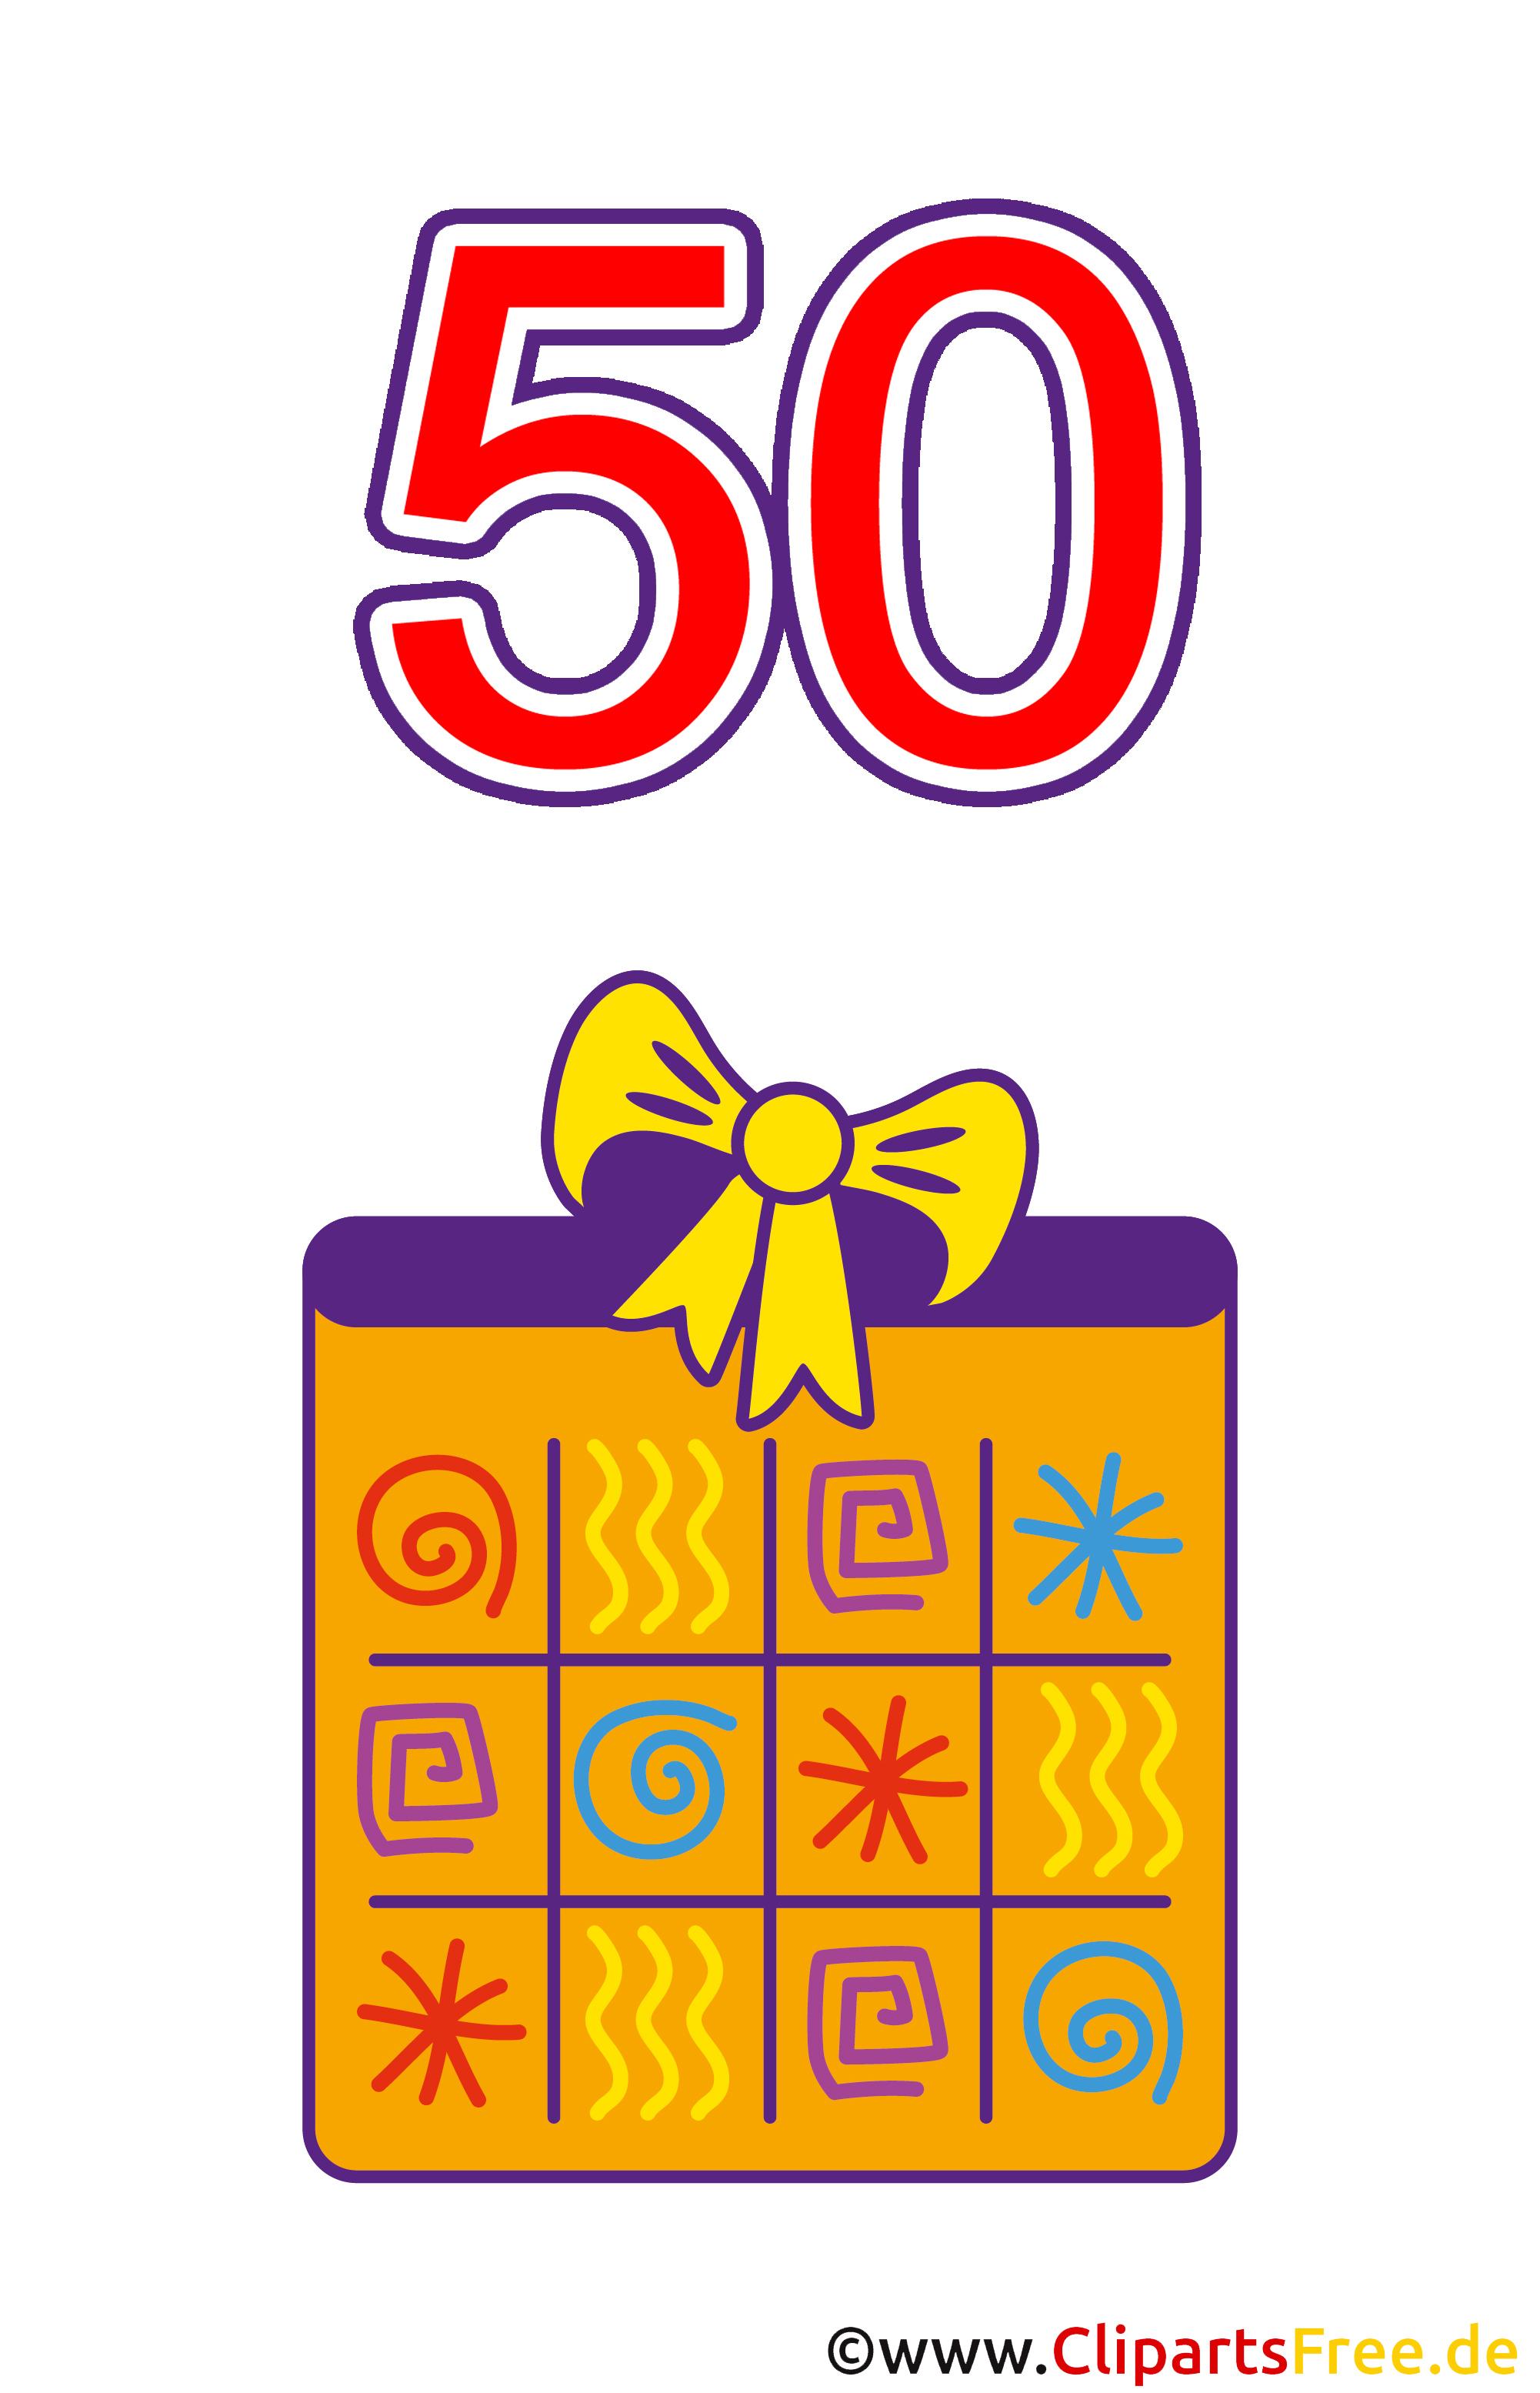 Geschenk zum 50 geburtstag clipart gratis - Bilder zum verschicken gratis ...